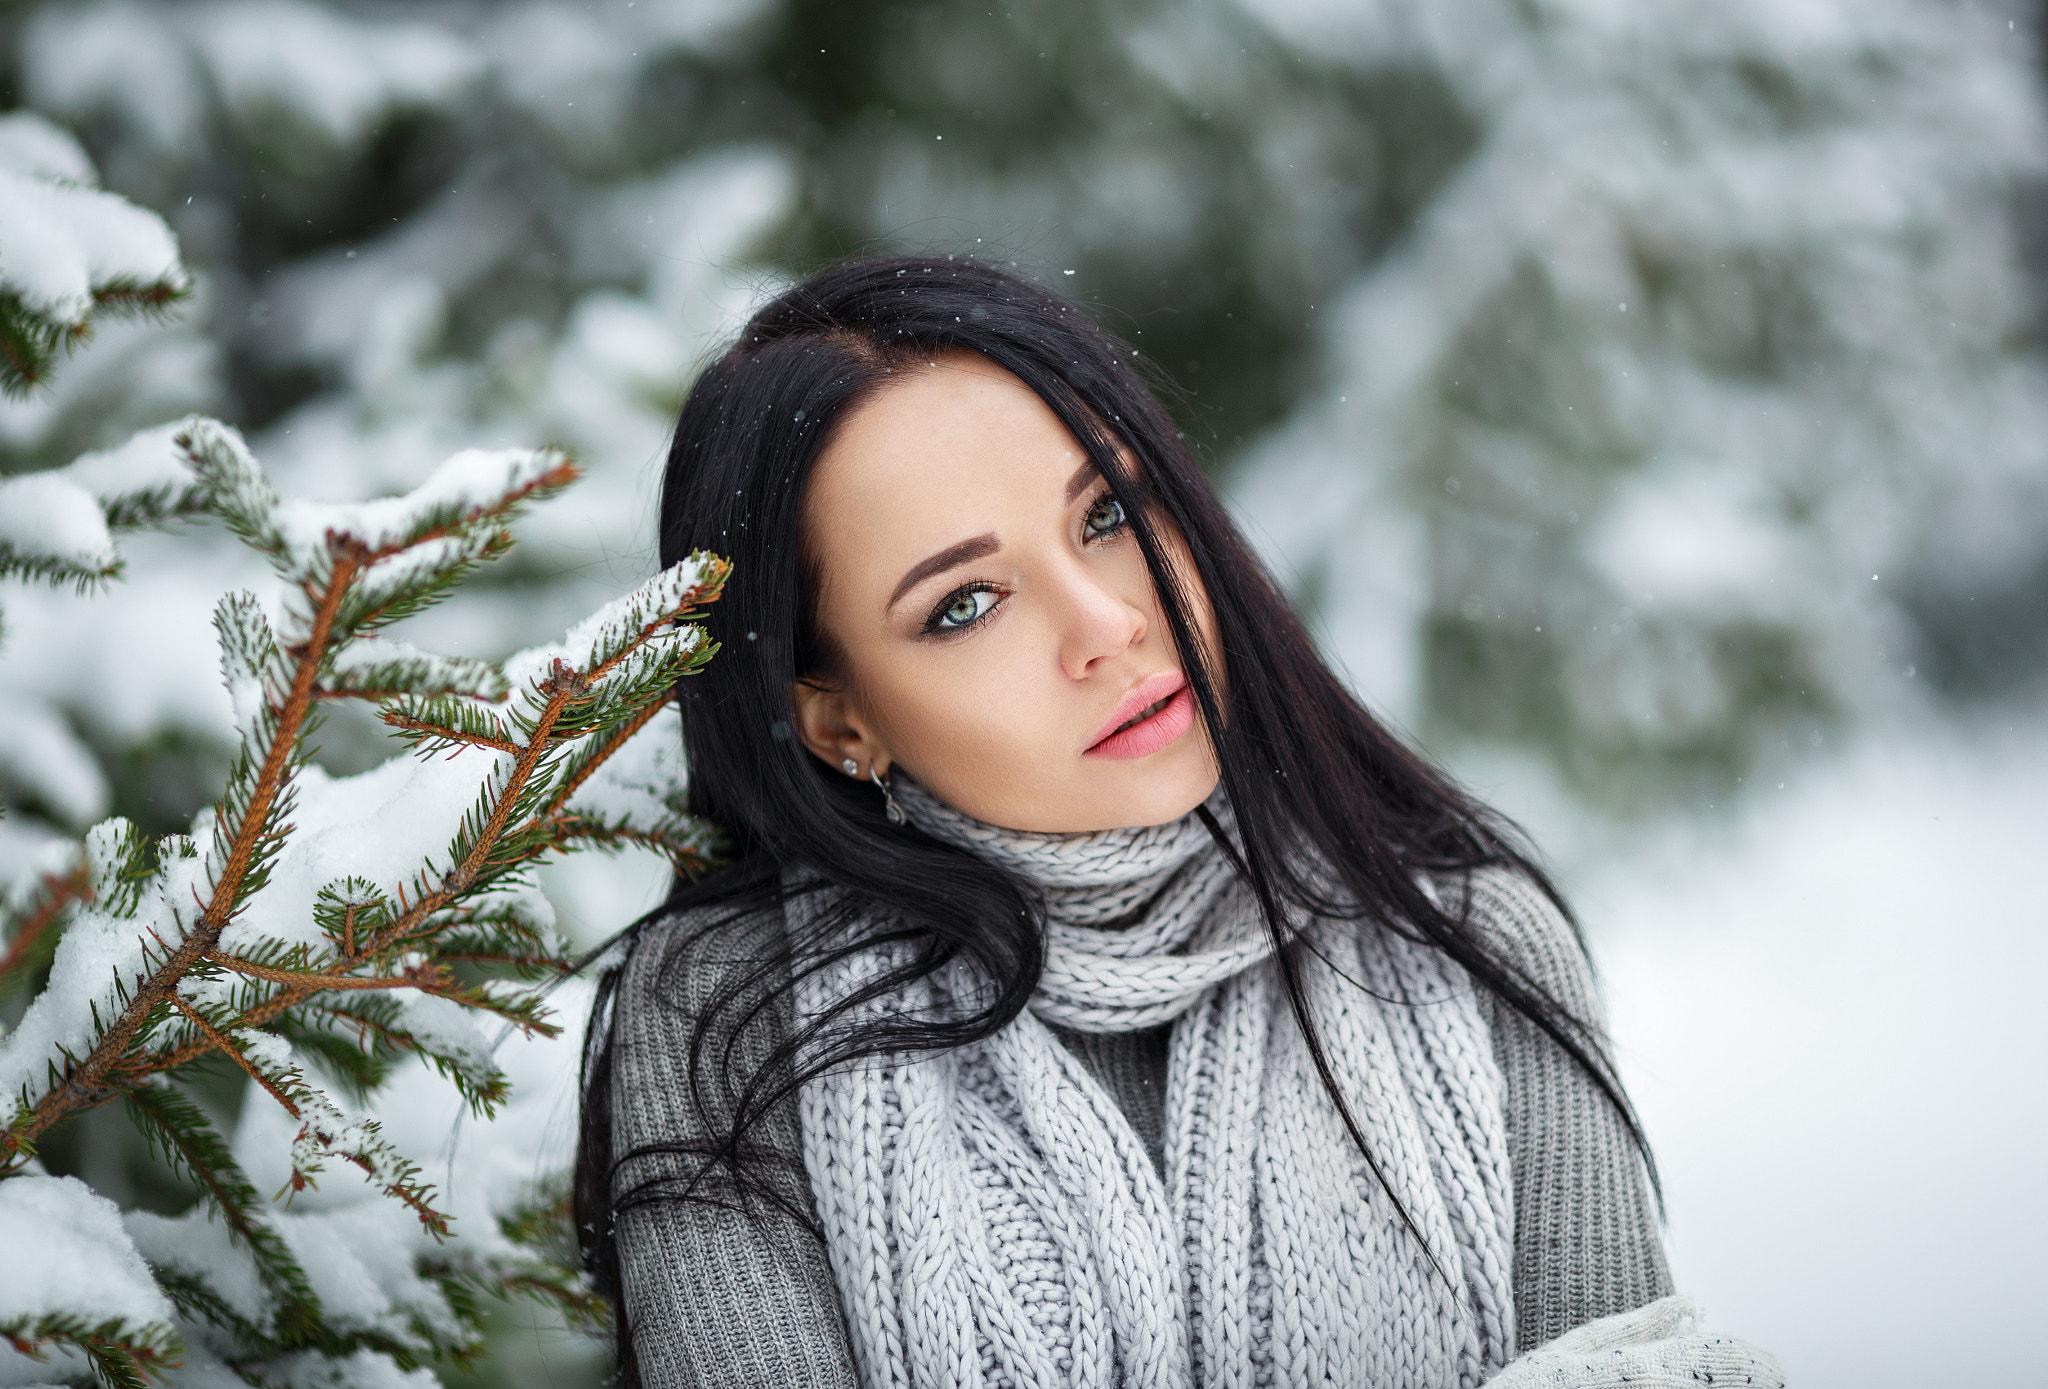 чувствовал юркин брюнетки под снегом фото человек очень